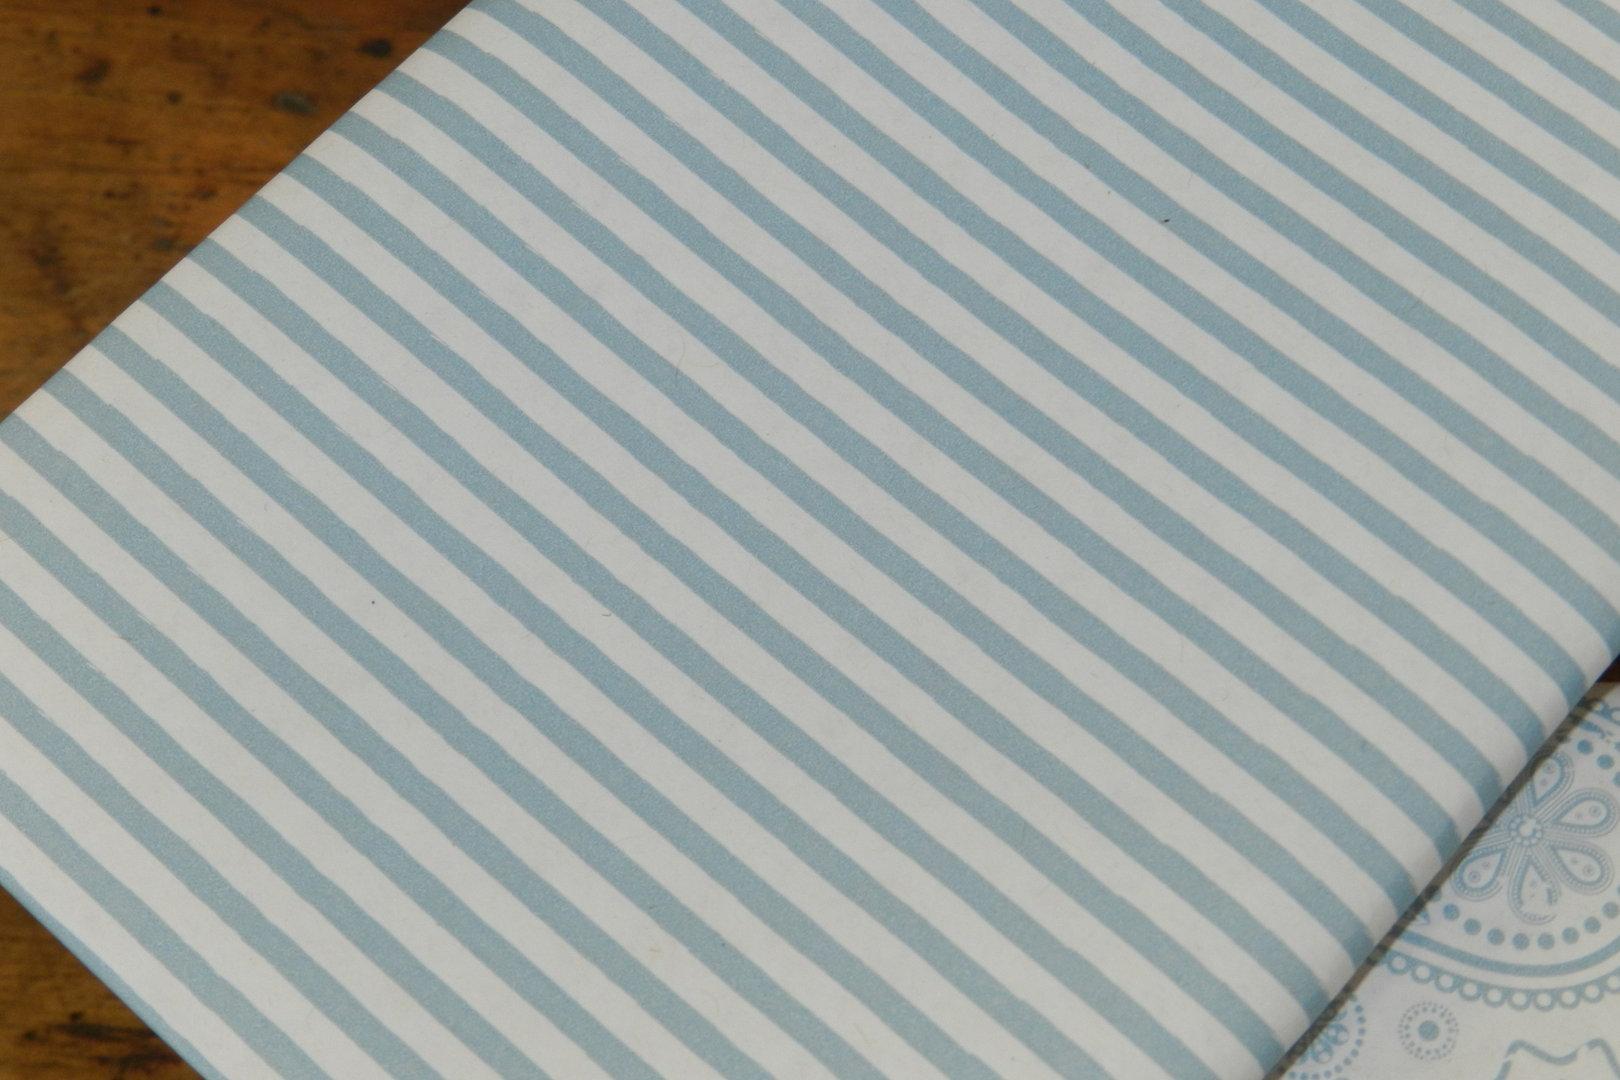 geschenkpapier streifen blau 3mx35cm speicher und scheune. Black Bedroom Furniture Sets. Home Design Ideas